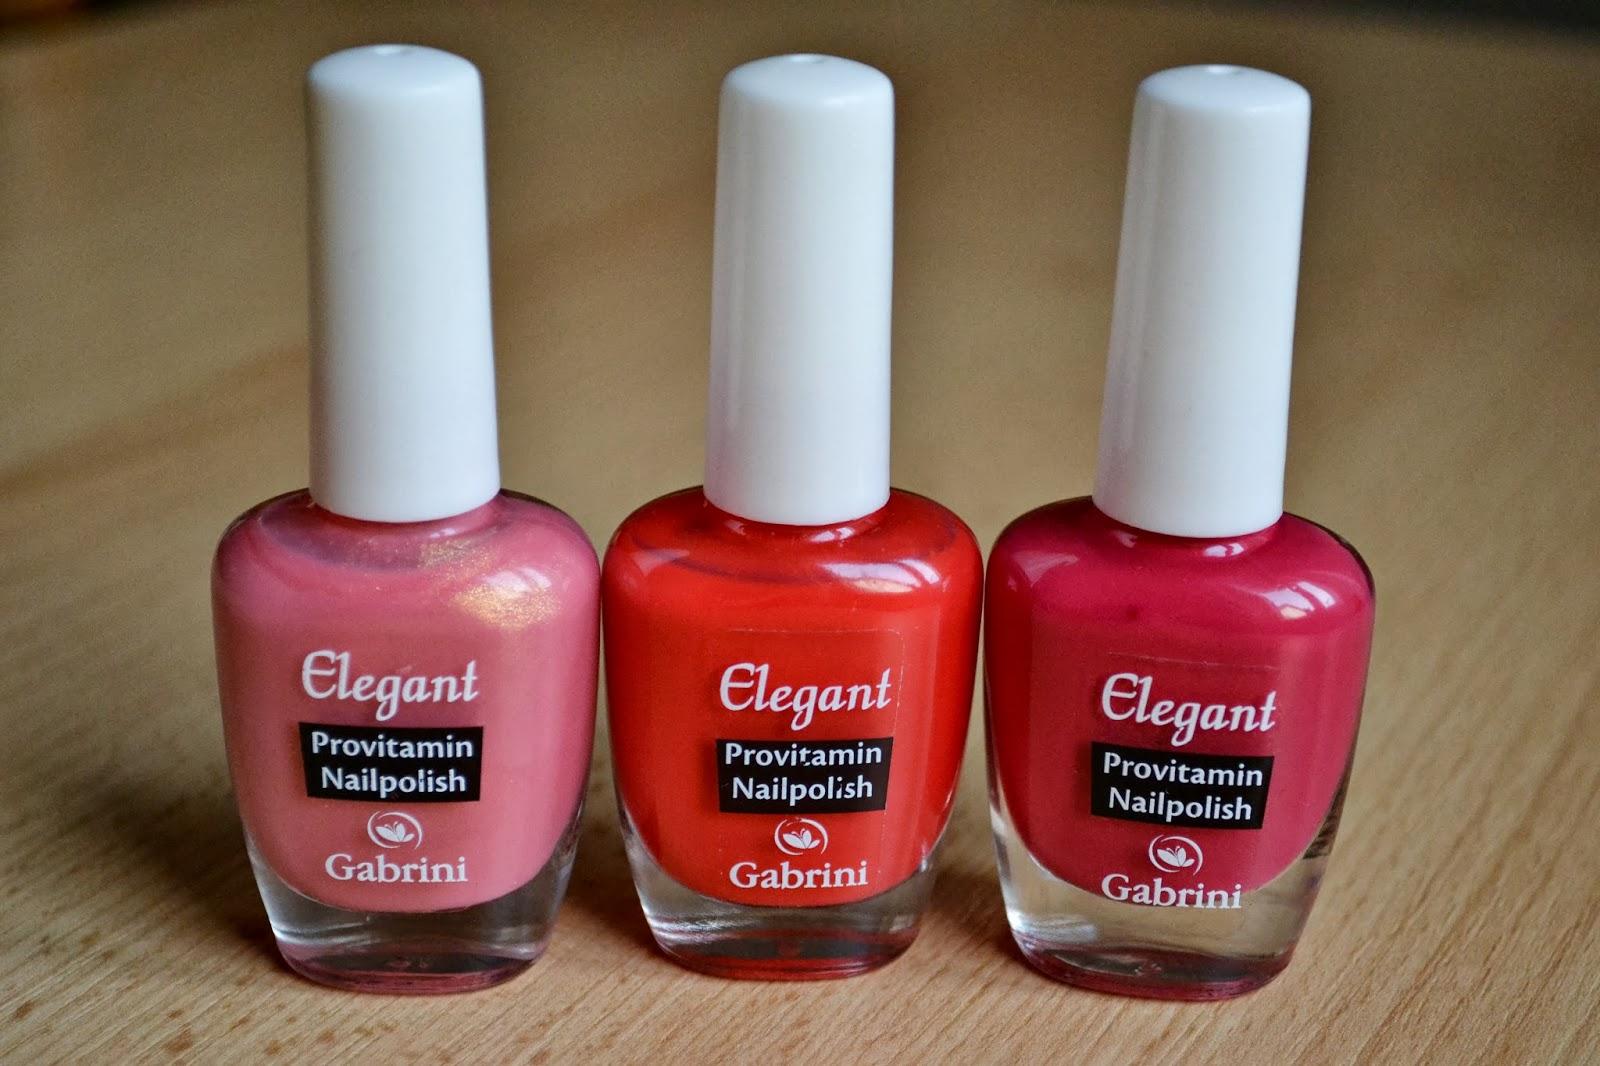 Elegant nail polish